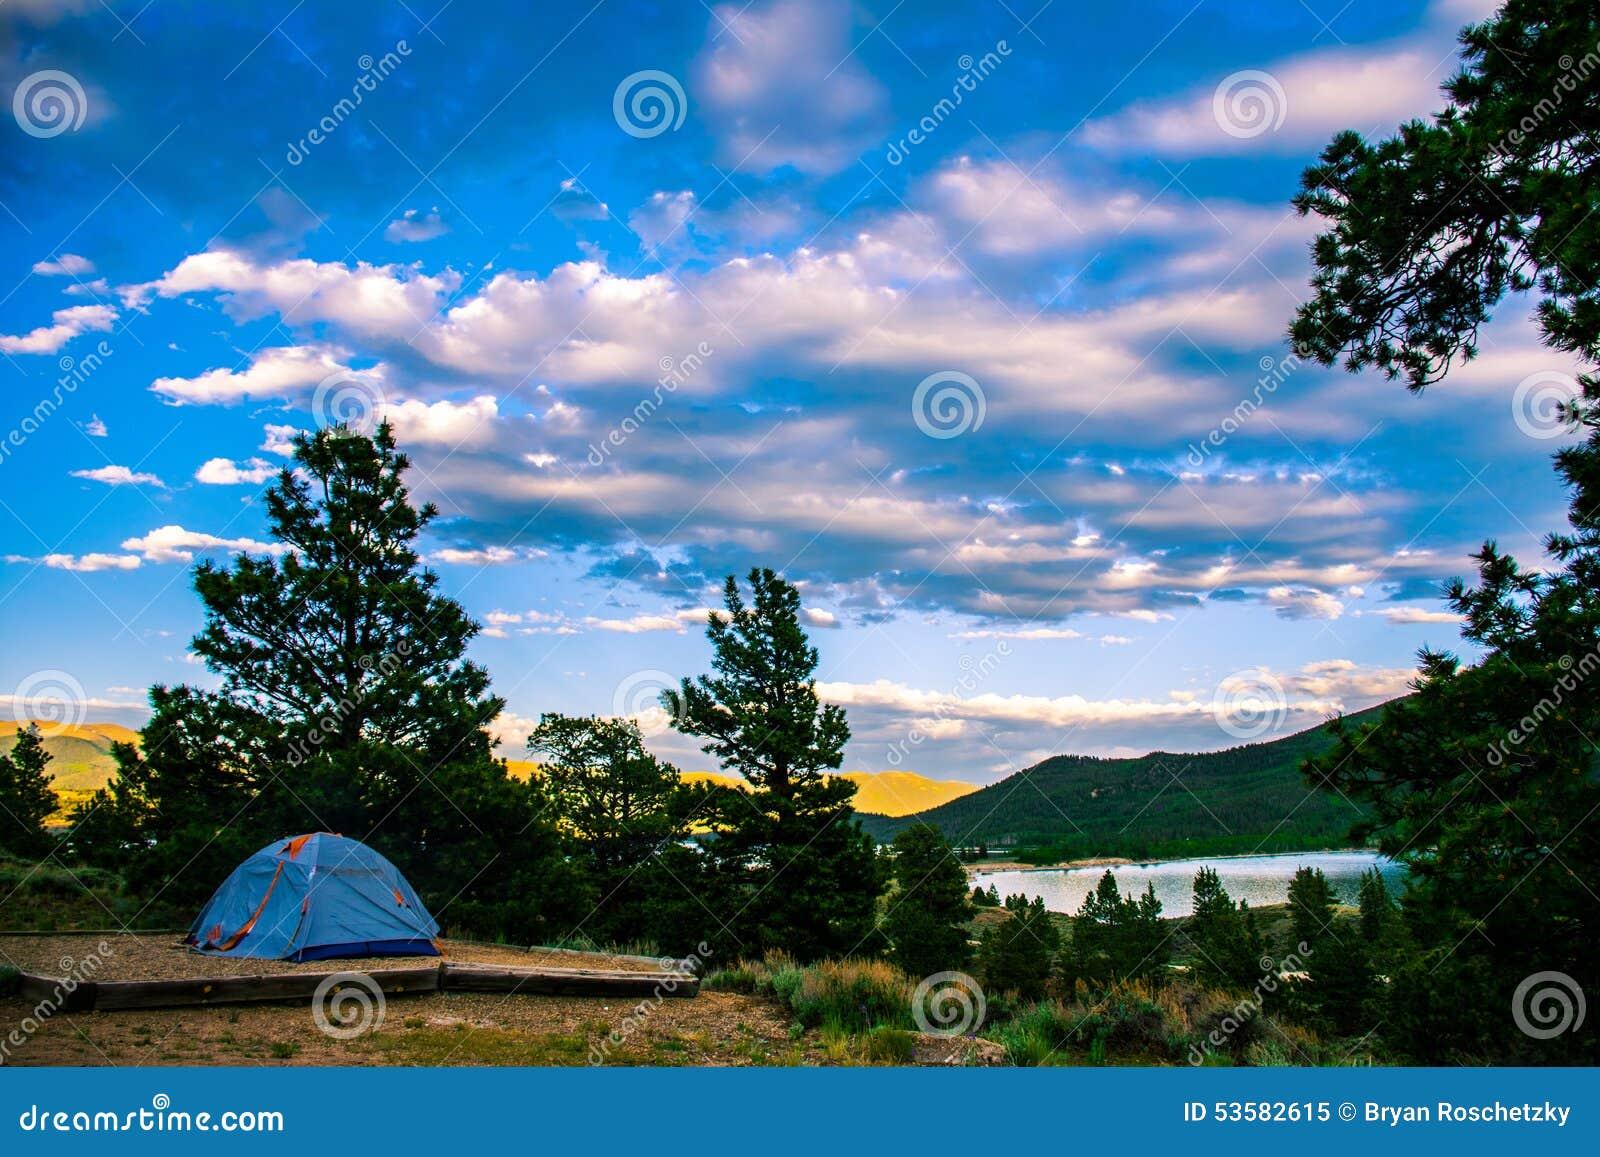 Campa Colorado Afton Med Tält Och Sjösidosikten